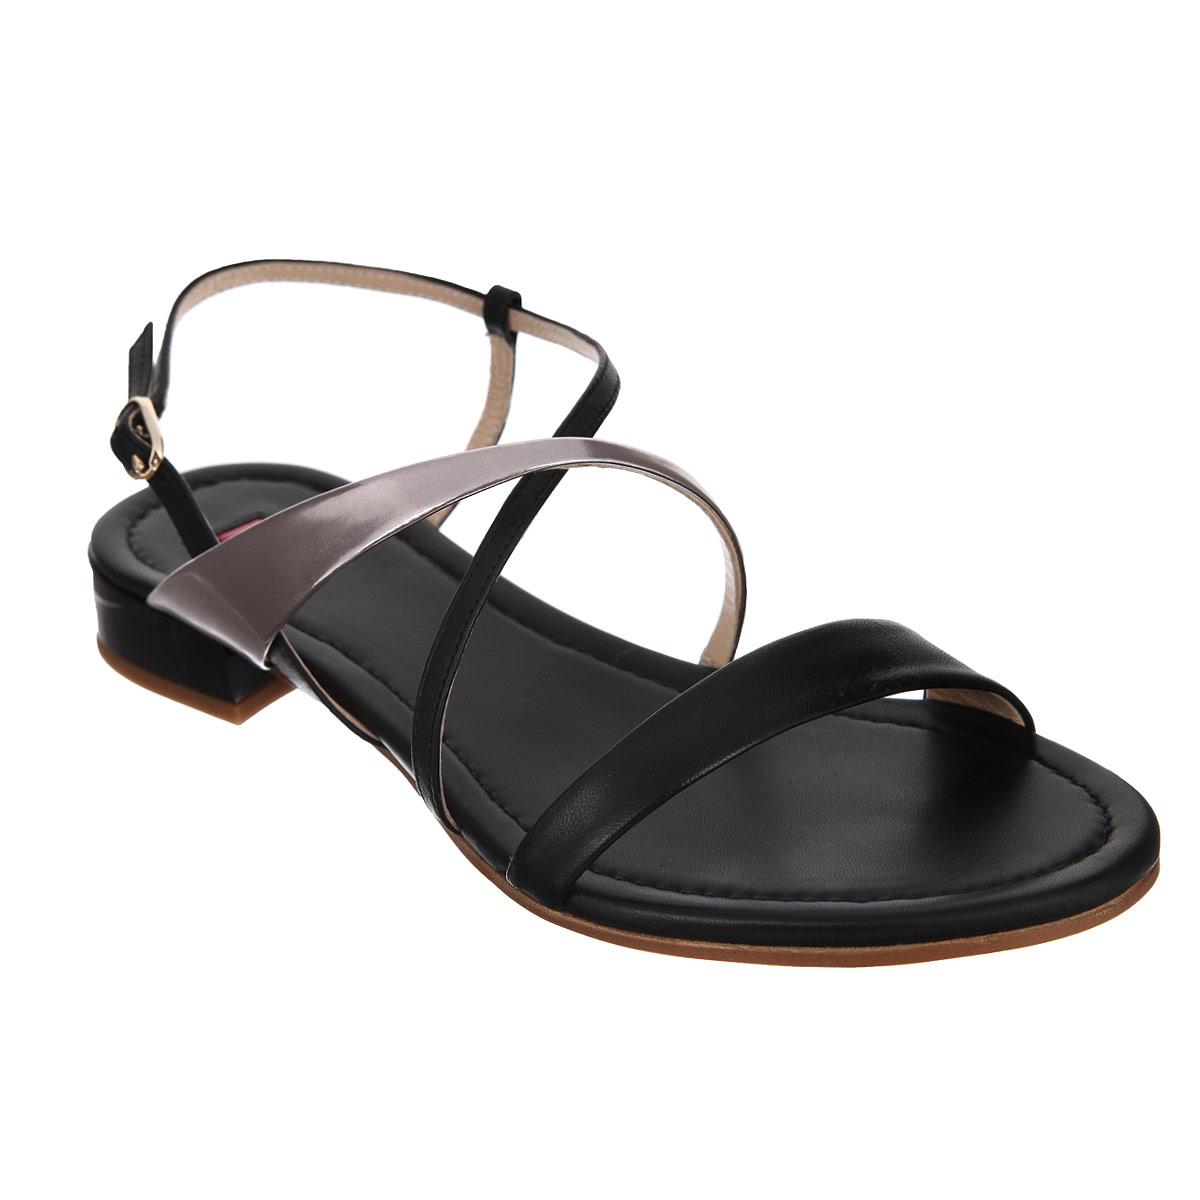 Сандалии женские. 910112191011210175Стильные сандалии от Hogl отлично дополнят ваш модный образ. Модель выполнена из натуральной высококачественной кожи и оформлена перекрещивающимися ремешками в области союзки. Ремешок с металлической пряжкой надежно зафиксирует модель на вашей щиколотке. Длина ремешка регулируется за счет болта. Подкладка и стелька из натуральной кожи комфортны при ходьбе. Невысокий каблук и подошва с рифлением обеспечивают отличное сцепление с поверхностью. Изящные сандалии не оставят равнодушной ни одну женщину!